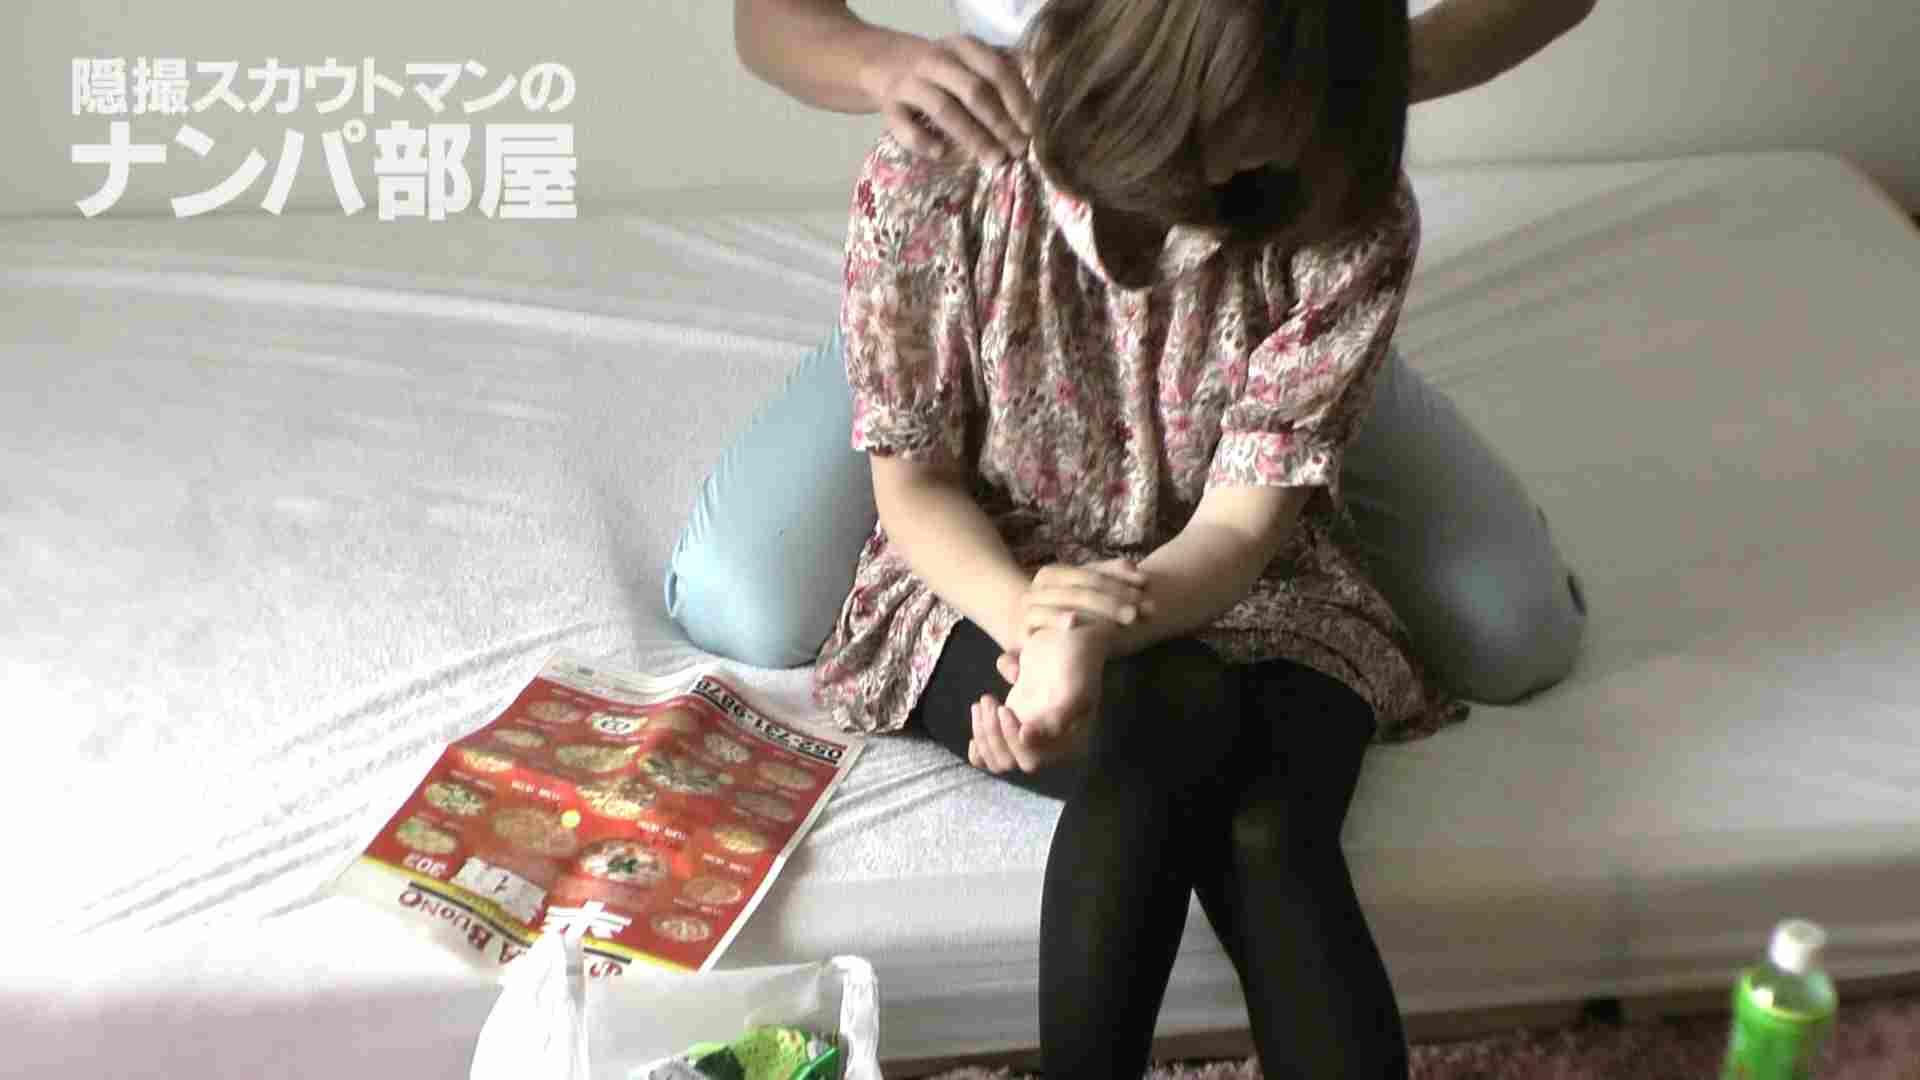 隠撮スカウトマンのナンパ部屋~風俗デビュー前のつまみ食い~ sii 隠撮  84連発 11